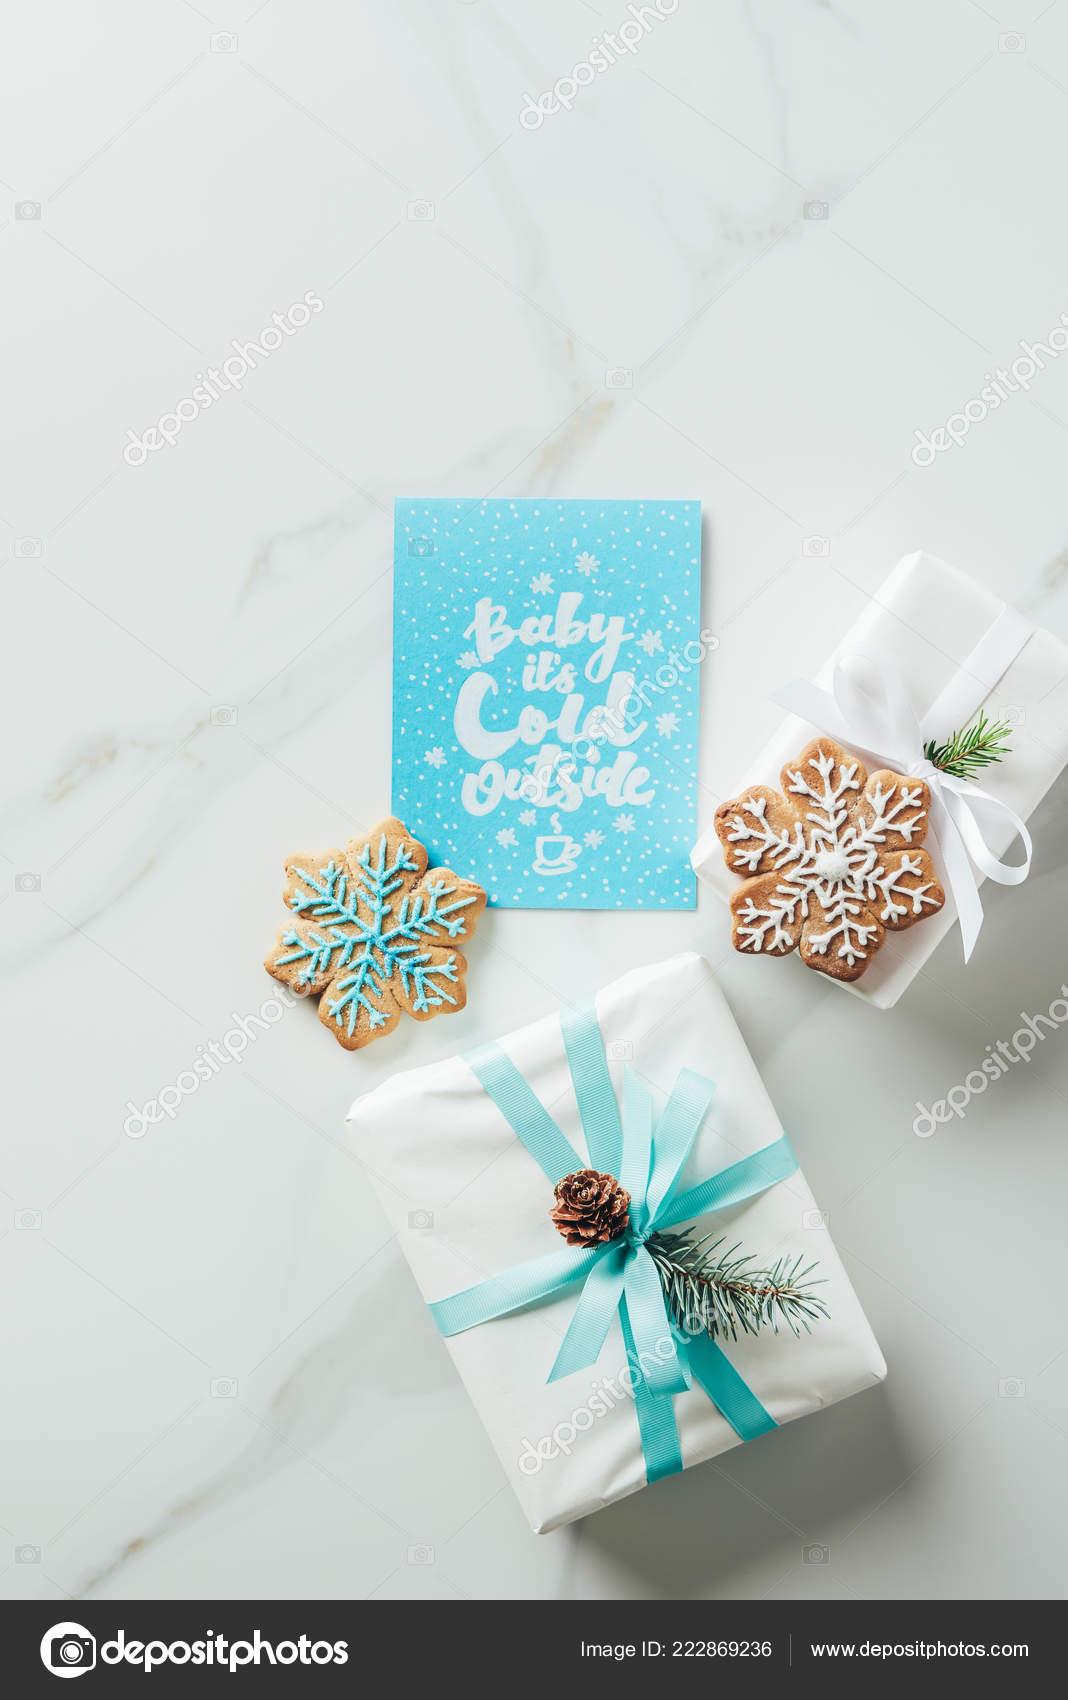 Draufsicht Der Weißen Weihnachtsgeschenke Schneeflocke Cookies Und ...